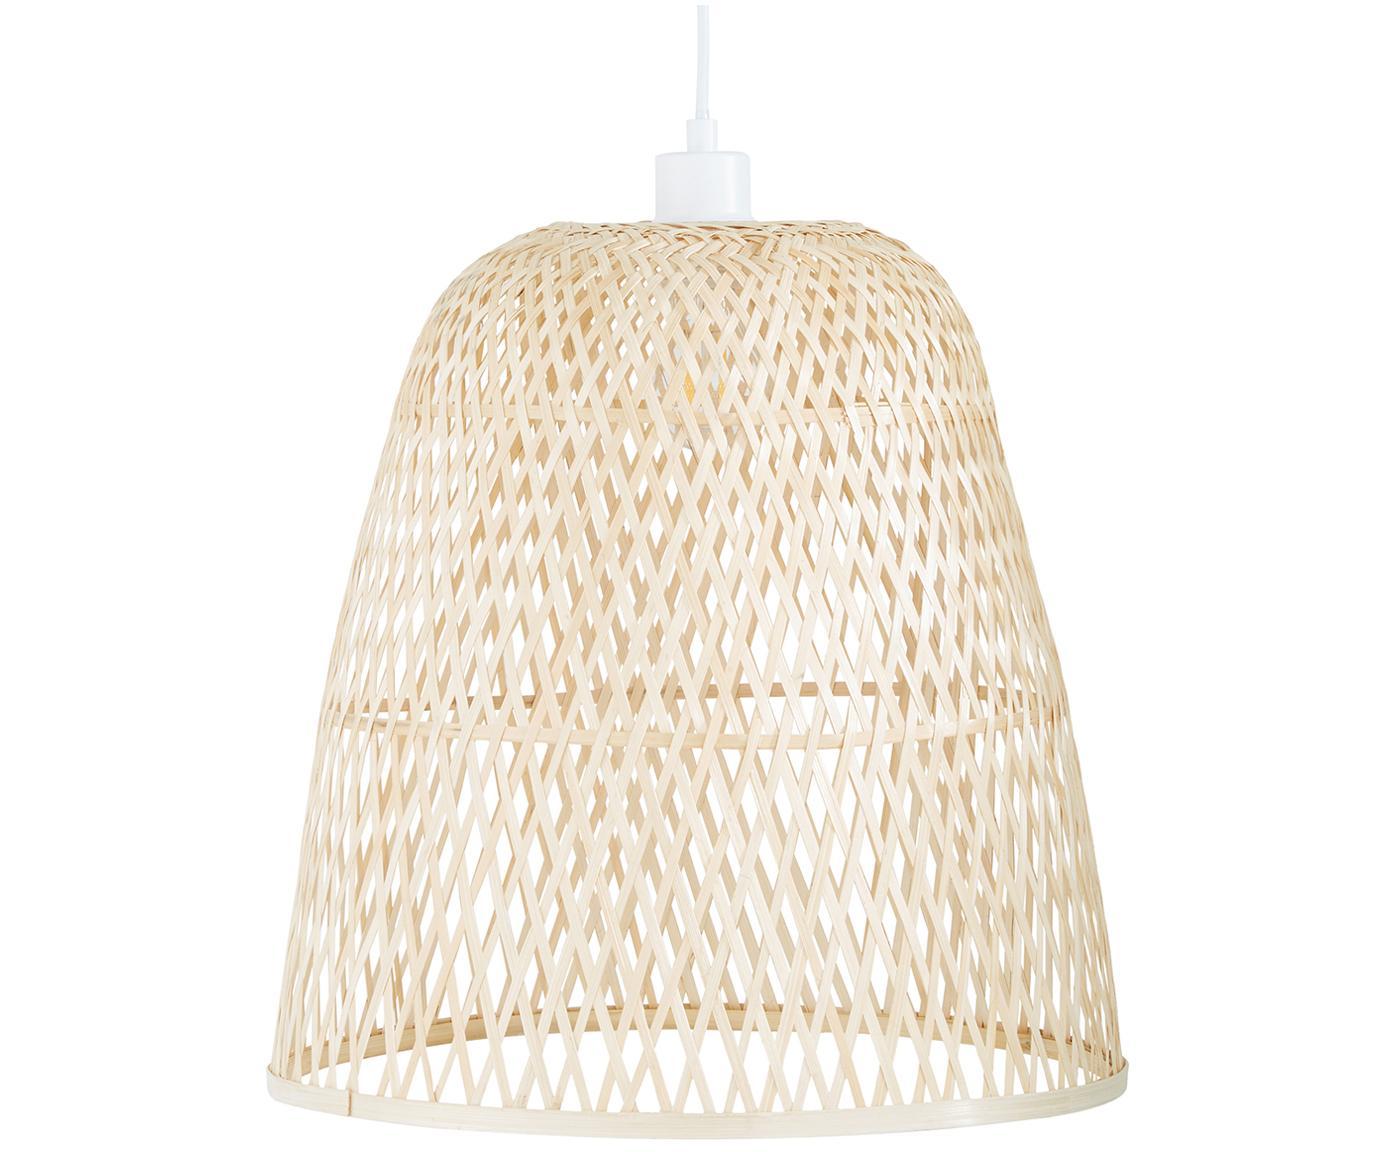 Lámpara de techo Eve, Pantalla: bambú, Cable: plástico El bambú es una , Bambú, Ø 40 x Al 40 cm